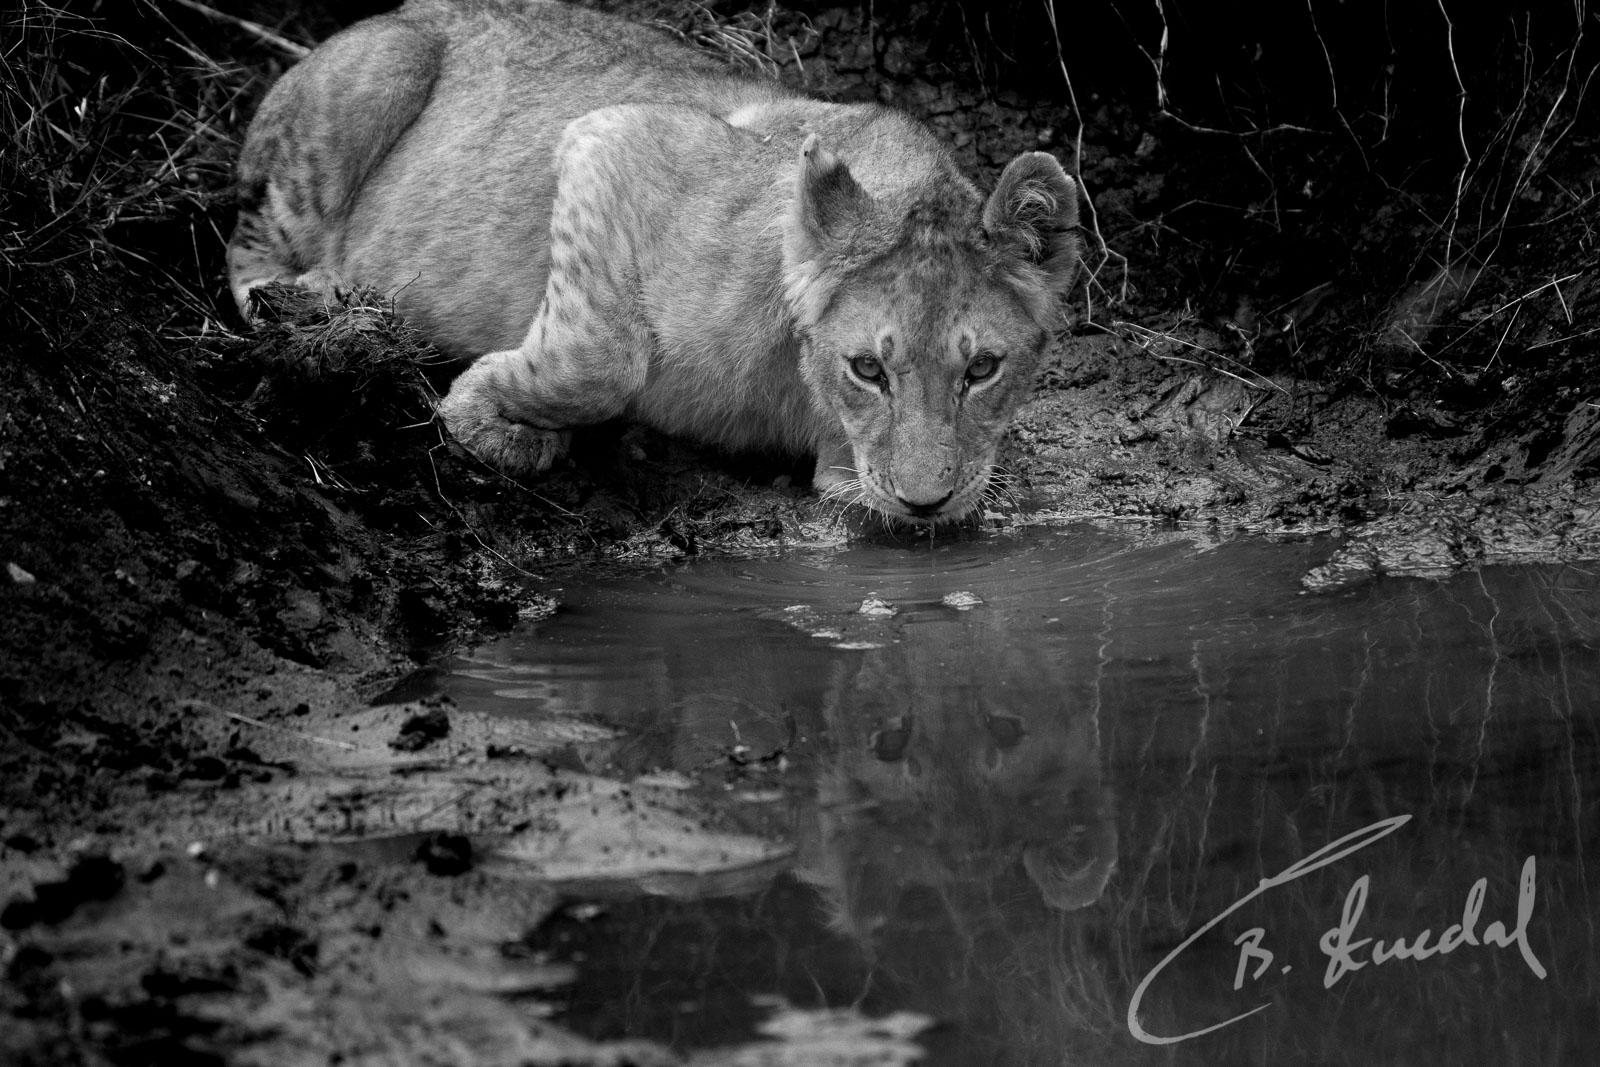 Drinking cub